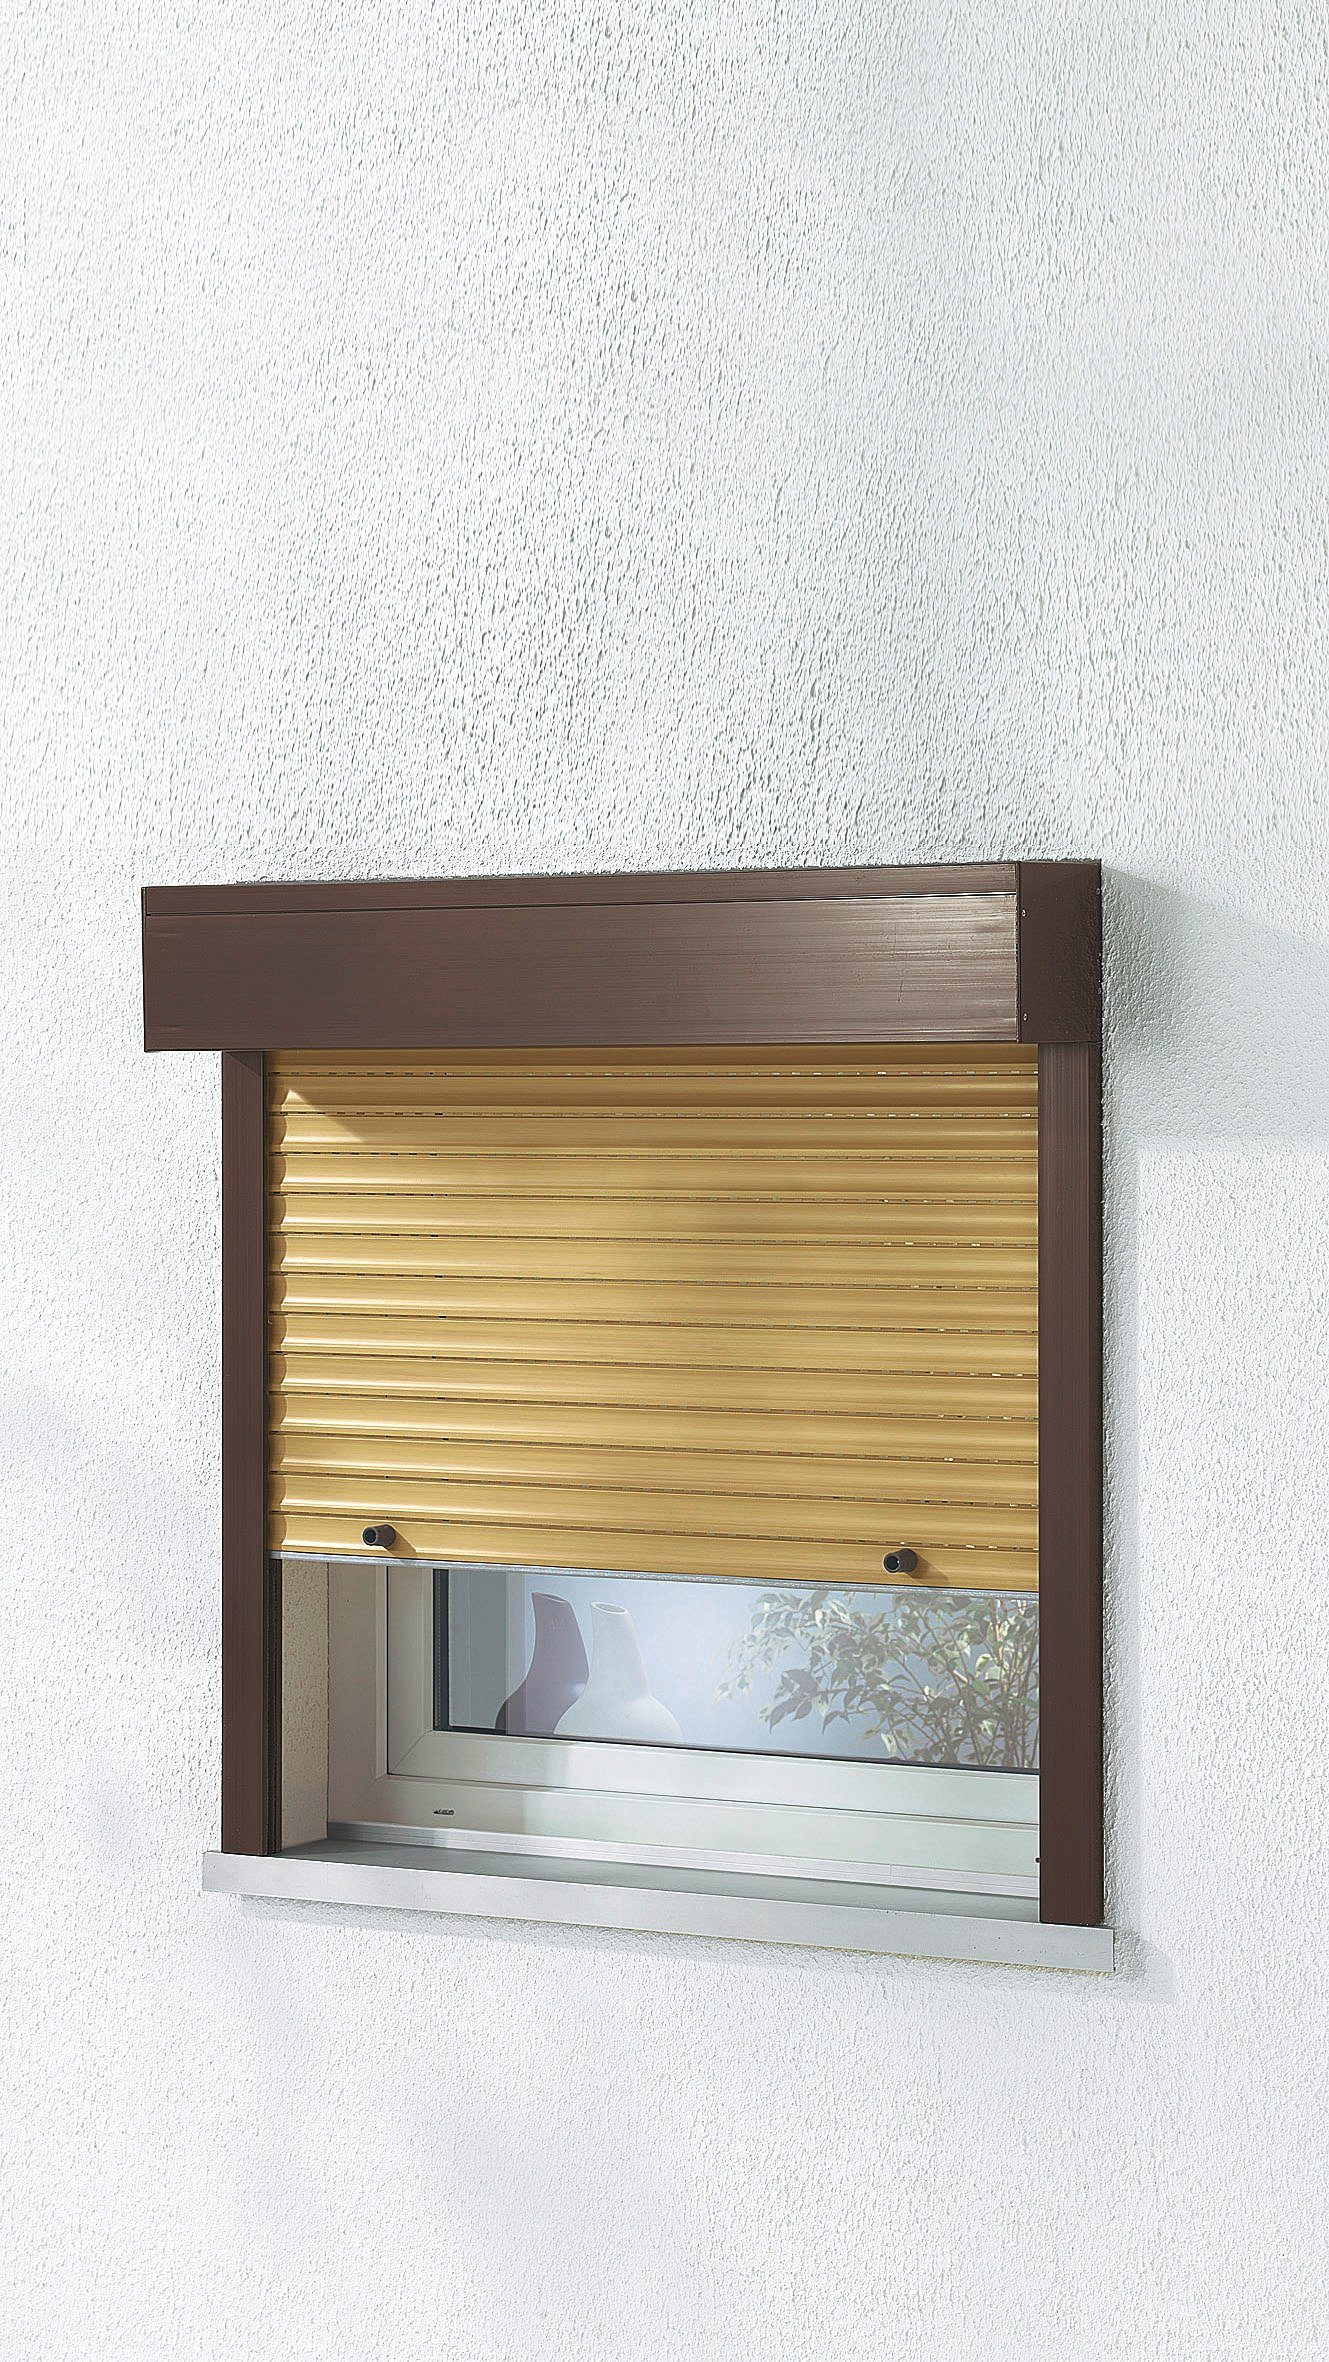 Kunststoff »Vorbau-Rollladen« Festmaß, BxH: 140x150 cm, holzfarben-braun